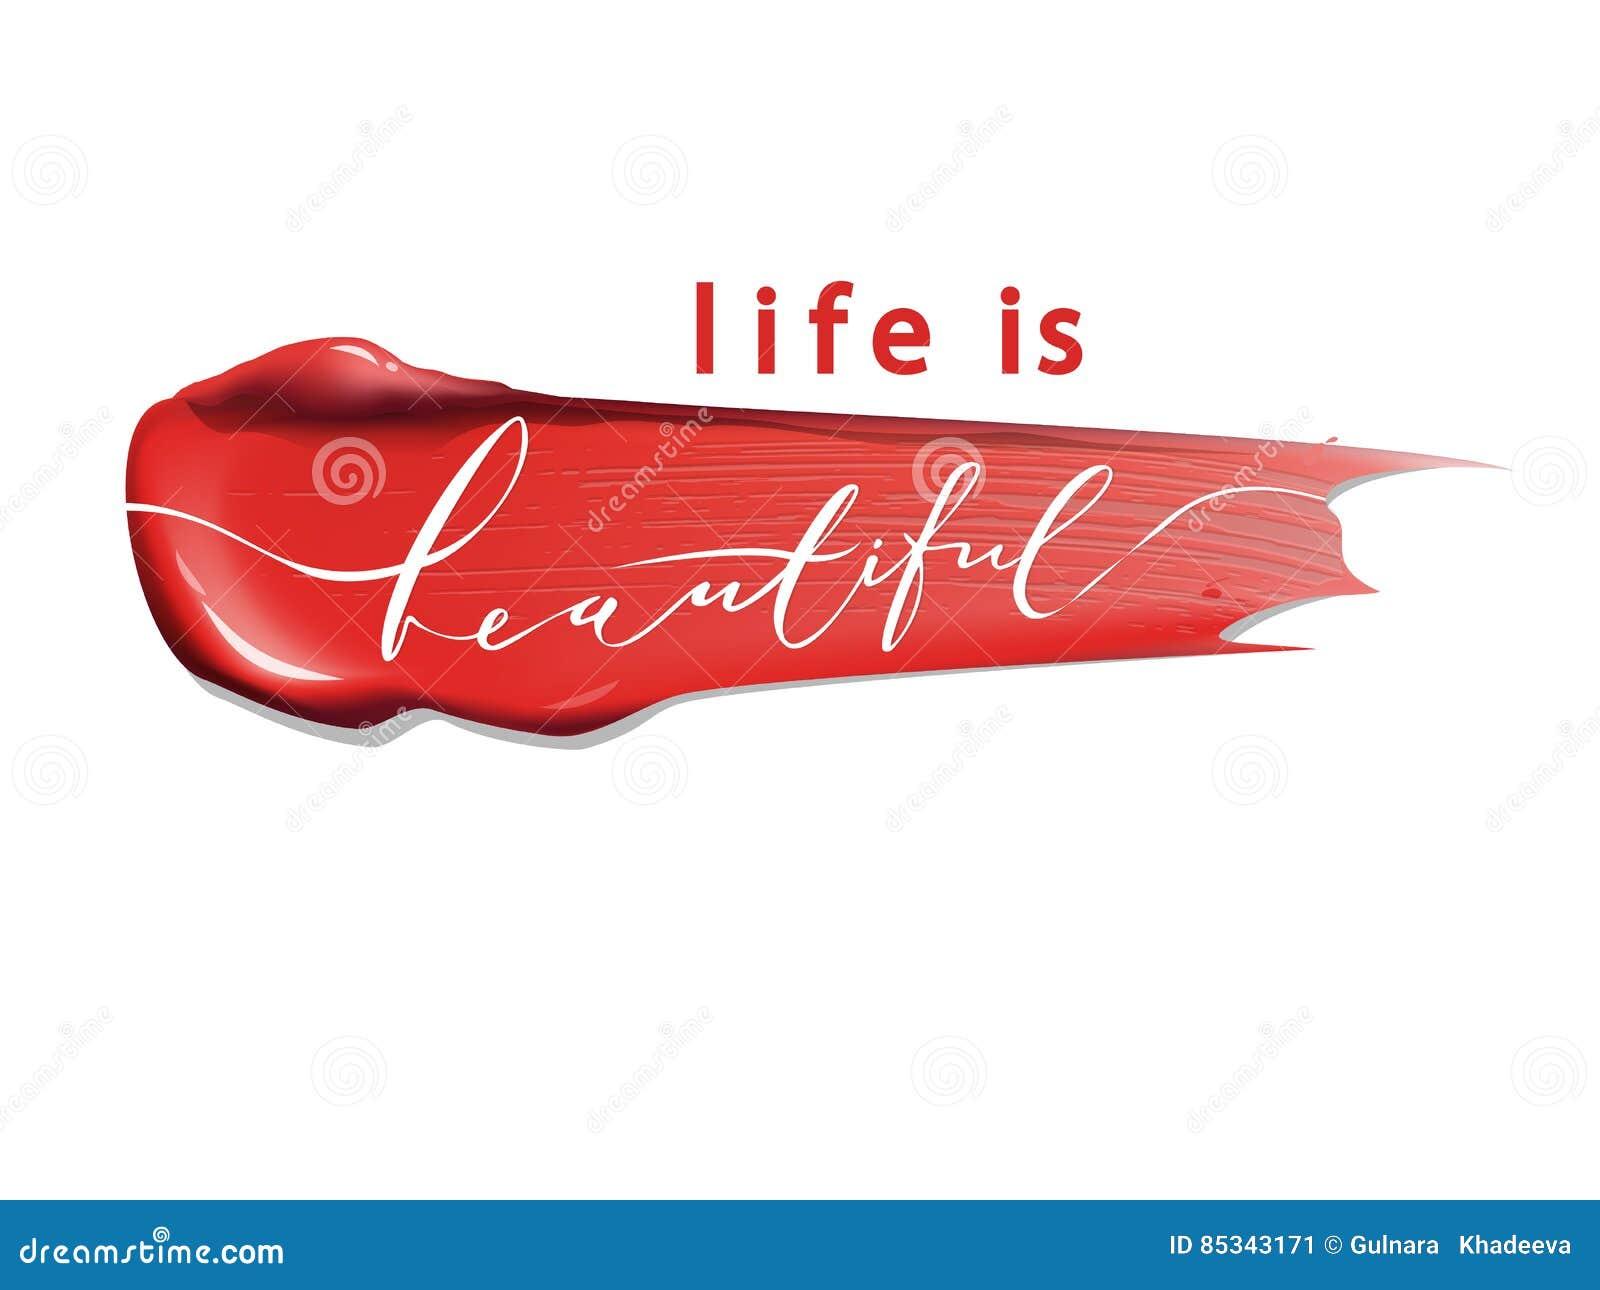 La Vida Es Hermosa Las Letras Frase De La Caligrafía Para